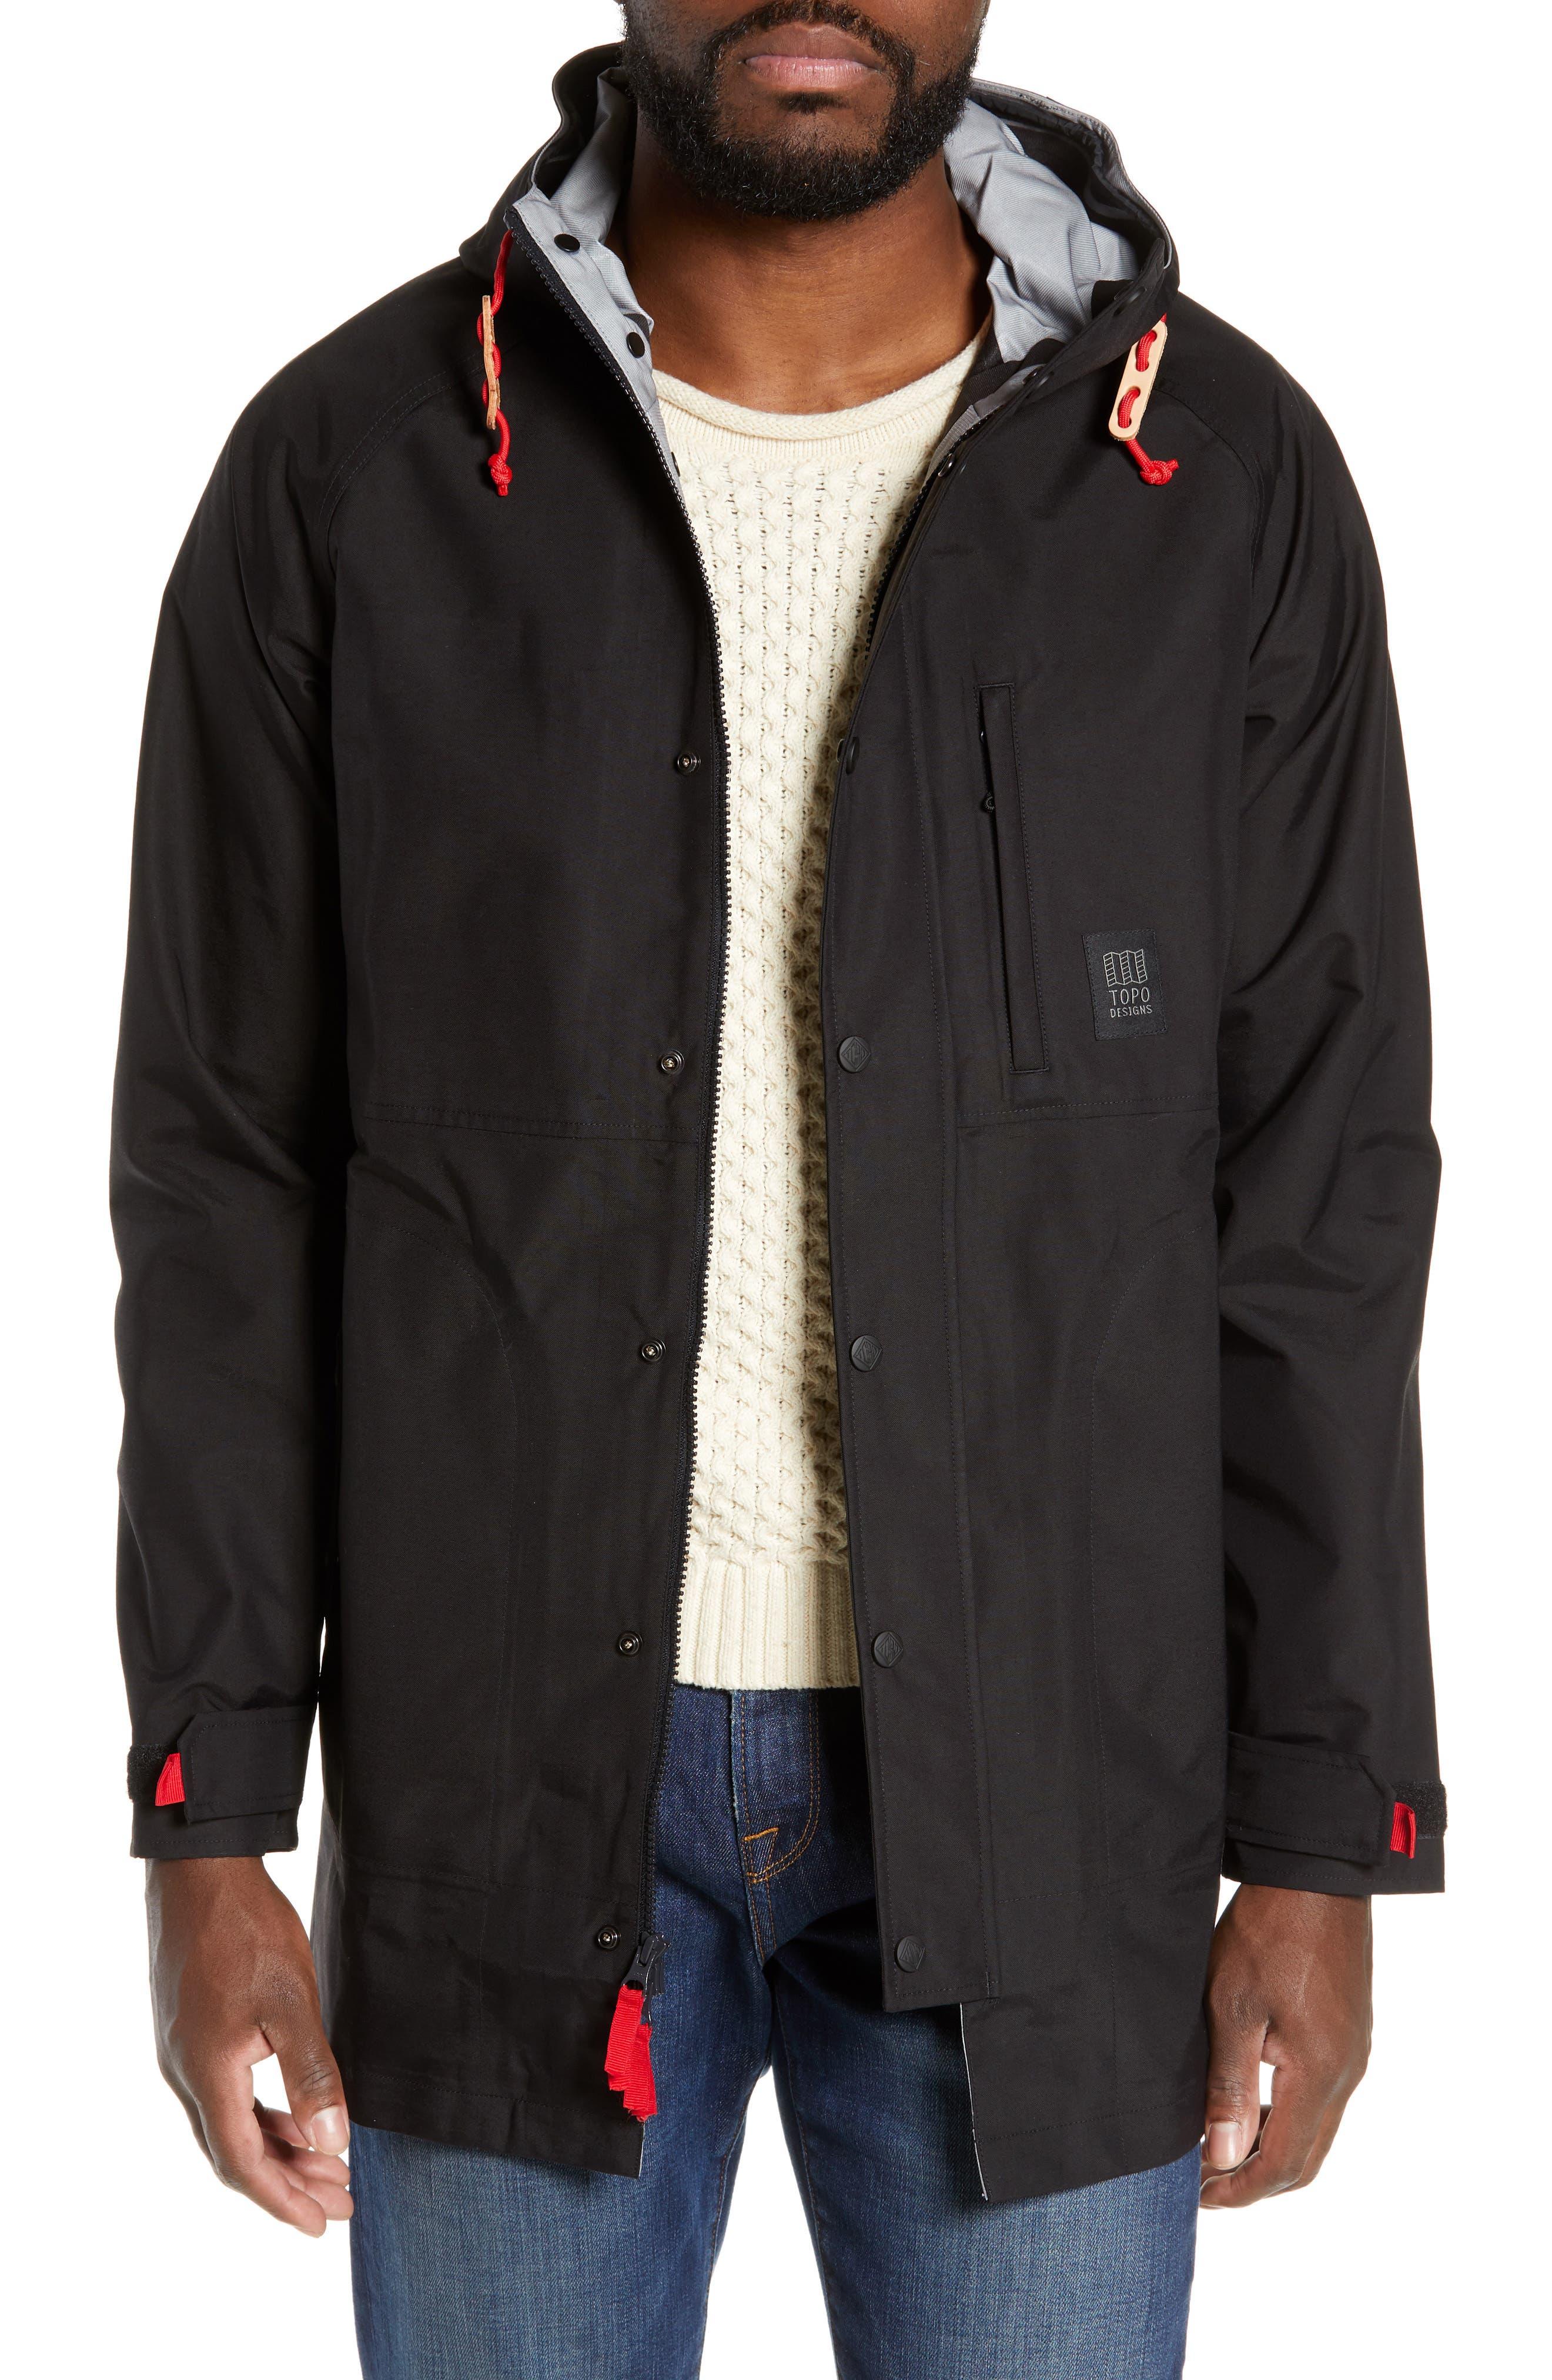 Topo Designs Waterproof Rain Jacket, Black